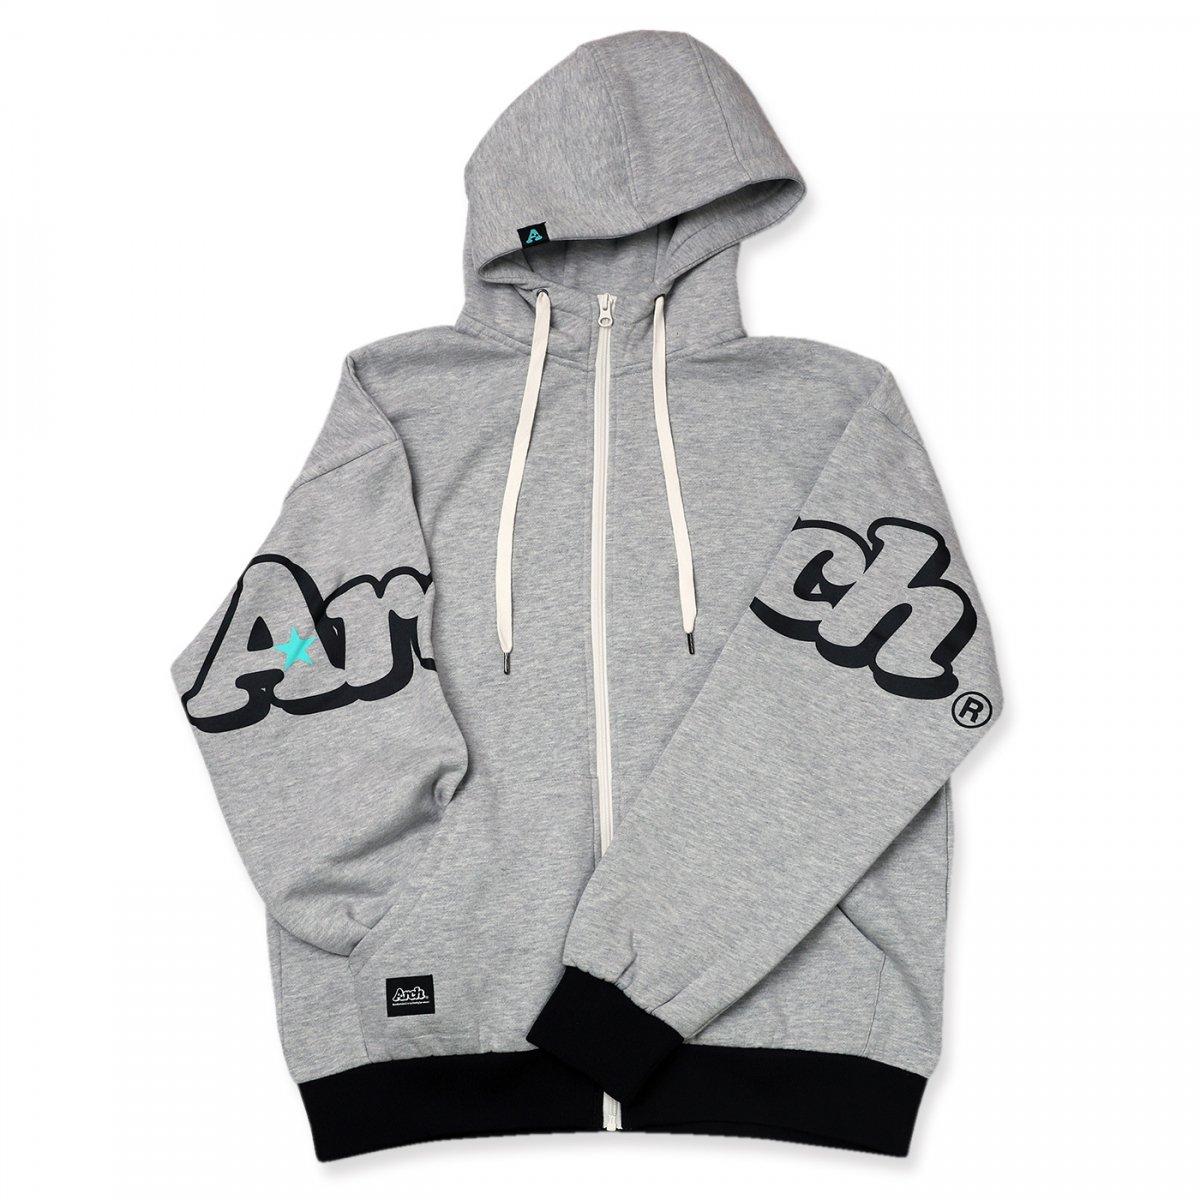 double logo parka【gray】